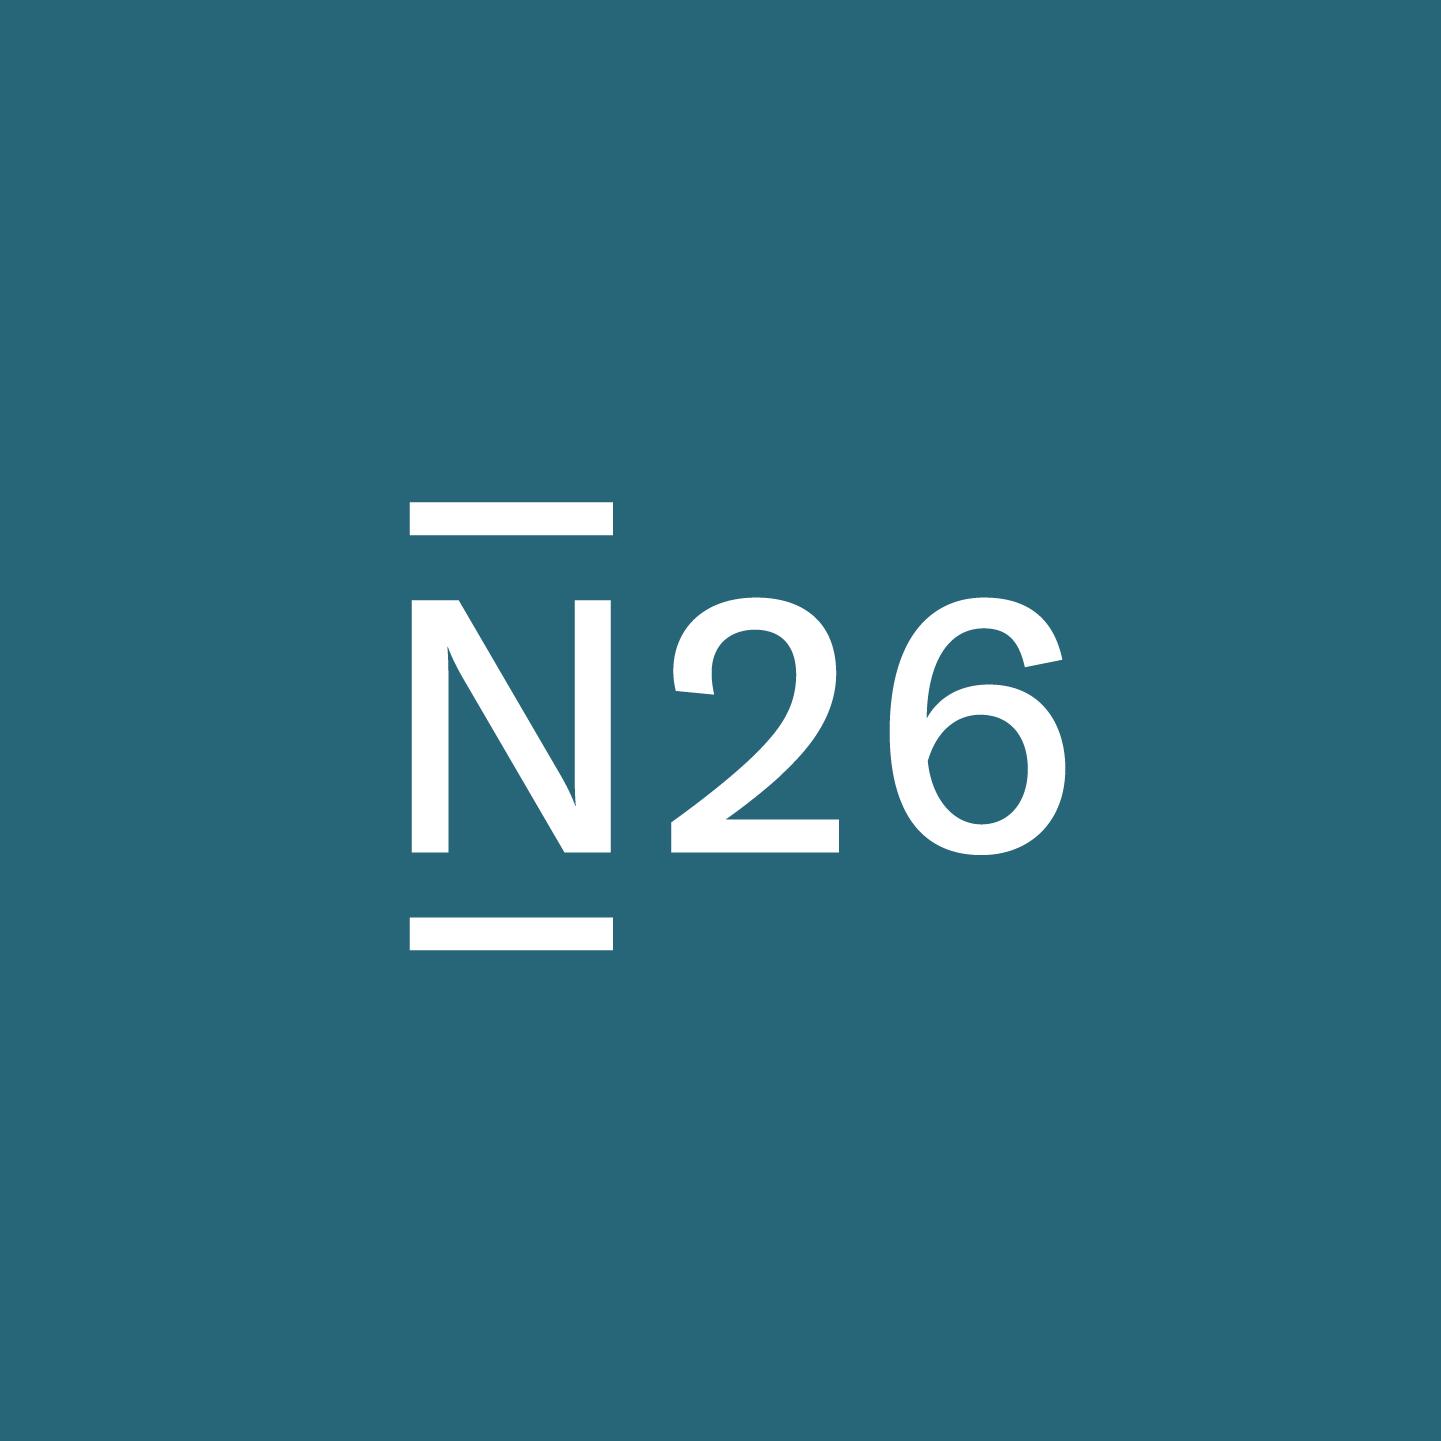 Carte N26 Belgique.N26 Reviews Read Customer Service Reviews Of N26 Com